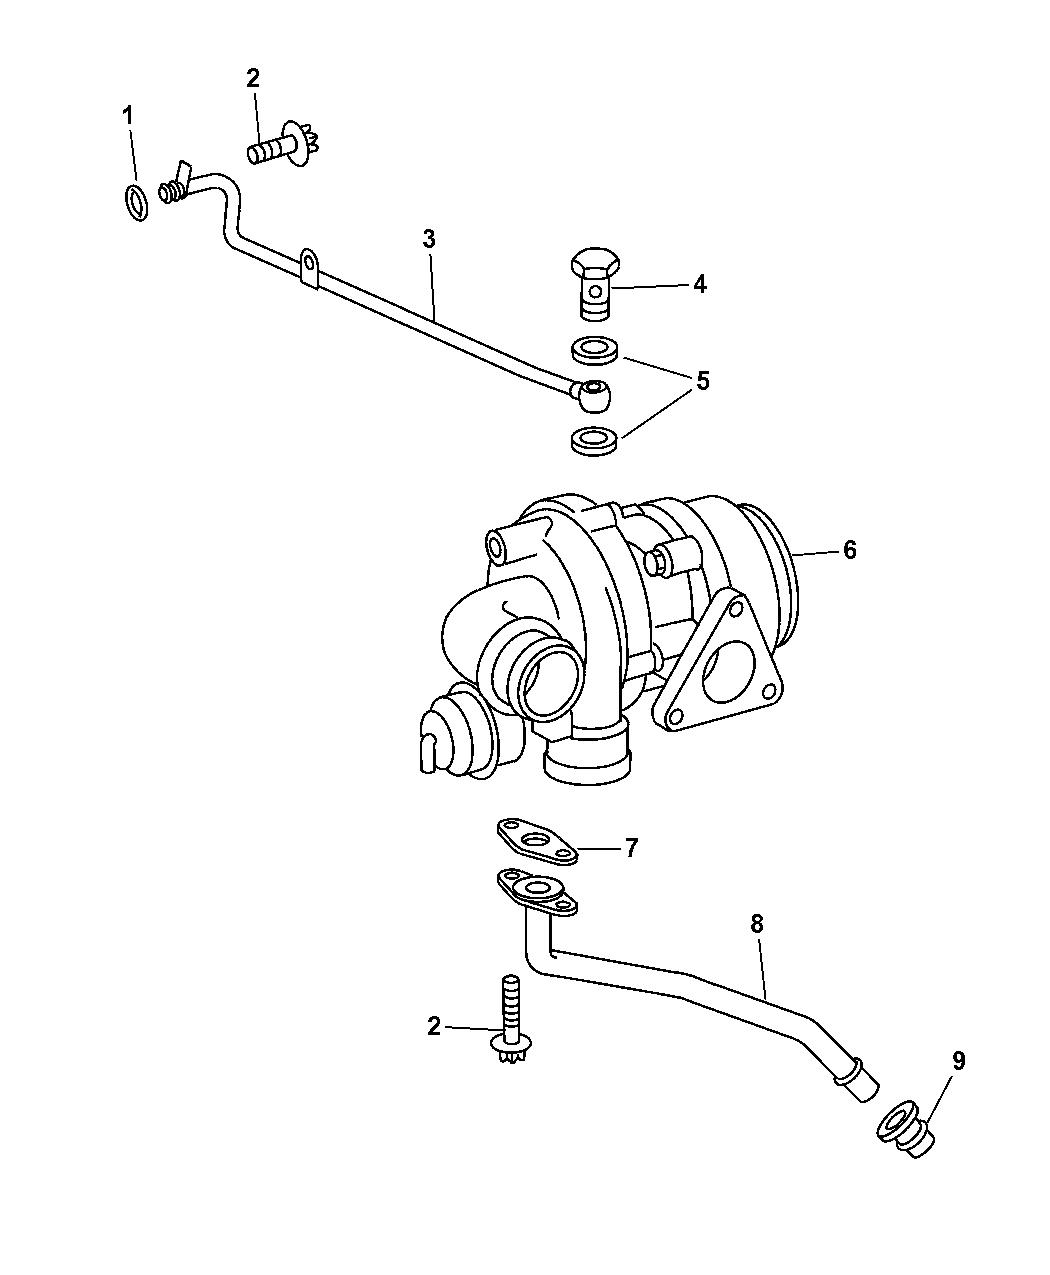 03 pt cruiser wiring diagram 2003 chrysler pt cruiser turbo oil return lines  chrysler pt cruiser turbo oil return lines